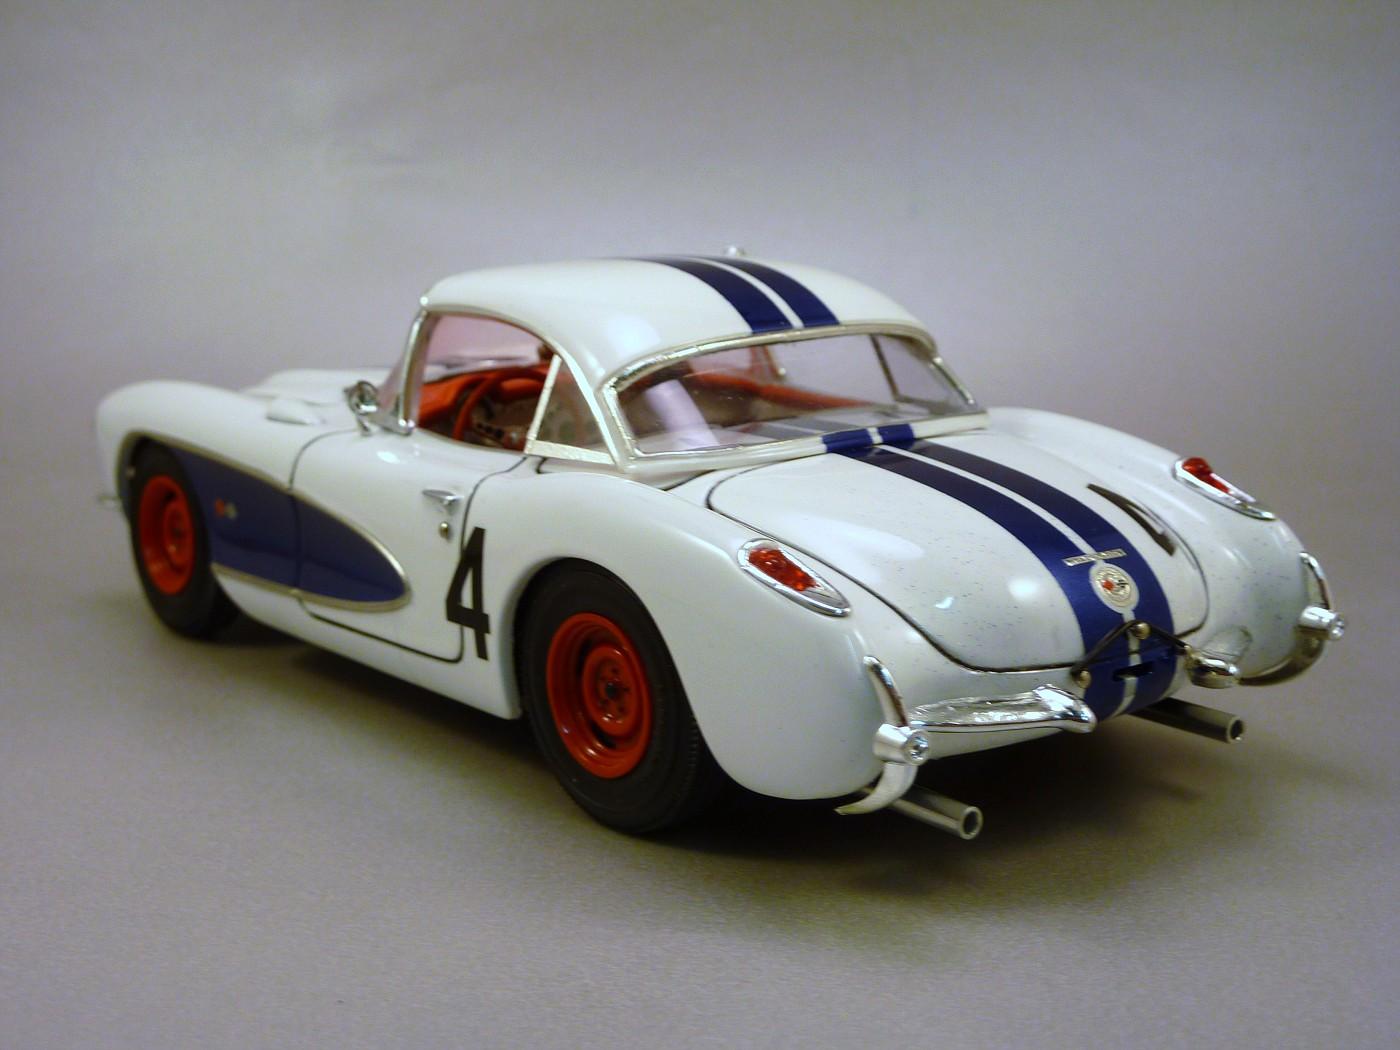 Corvette Sebring 57 terminée  RvetteSebring57DickThompson008-vi